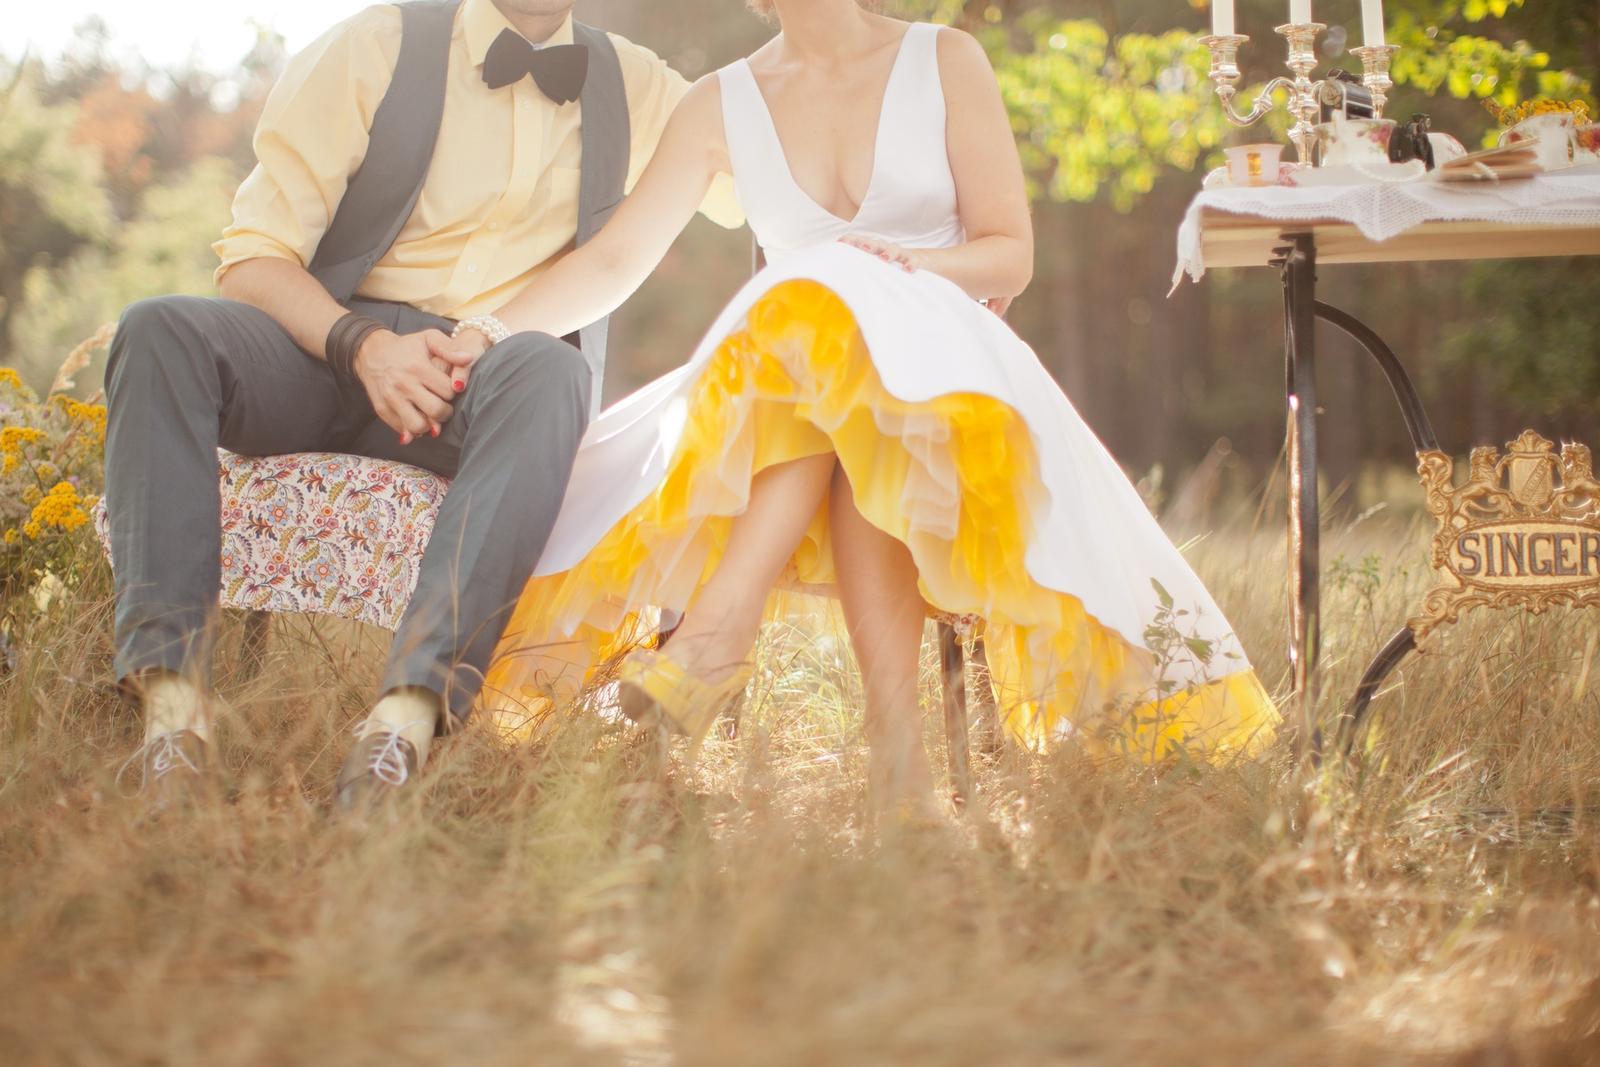 peter_a_lucia - Chcete rovnako vyraziť dych ľuďom, keď Vám bude spod sukne vykúkať tak krásna farebná spodnica?